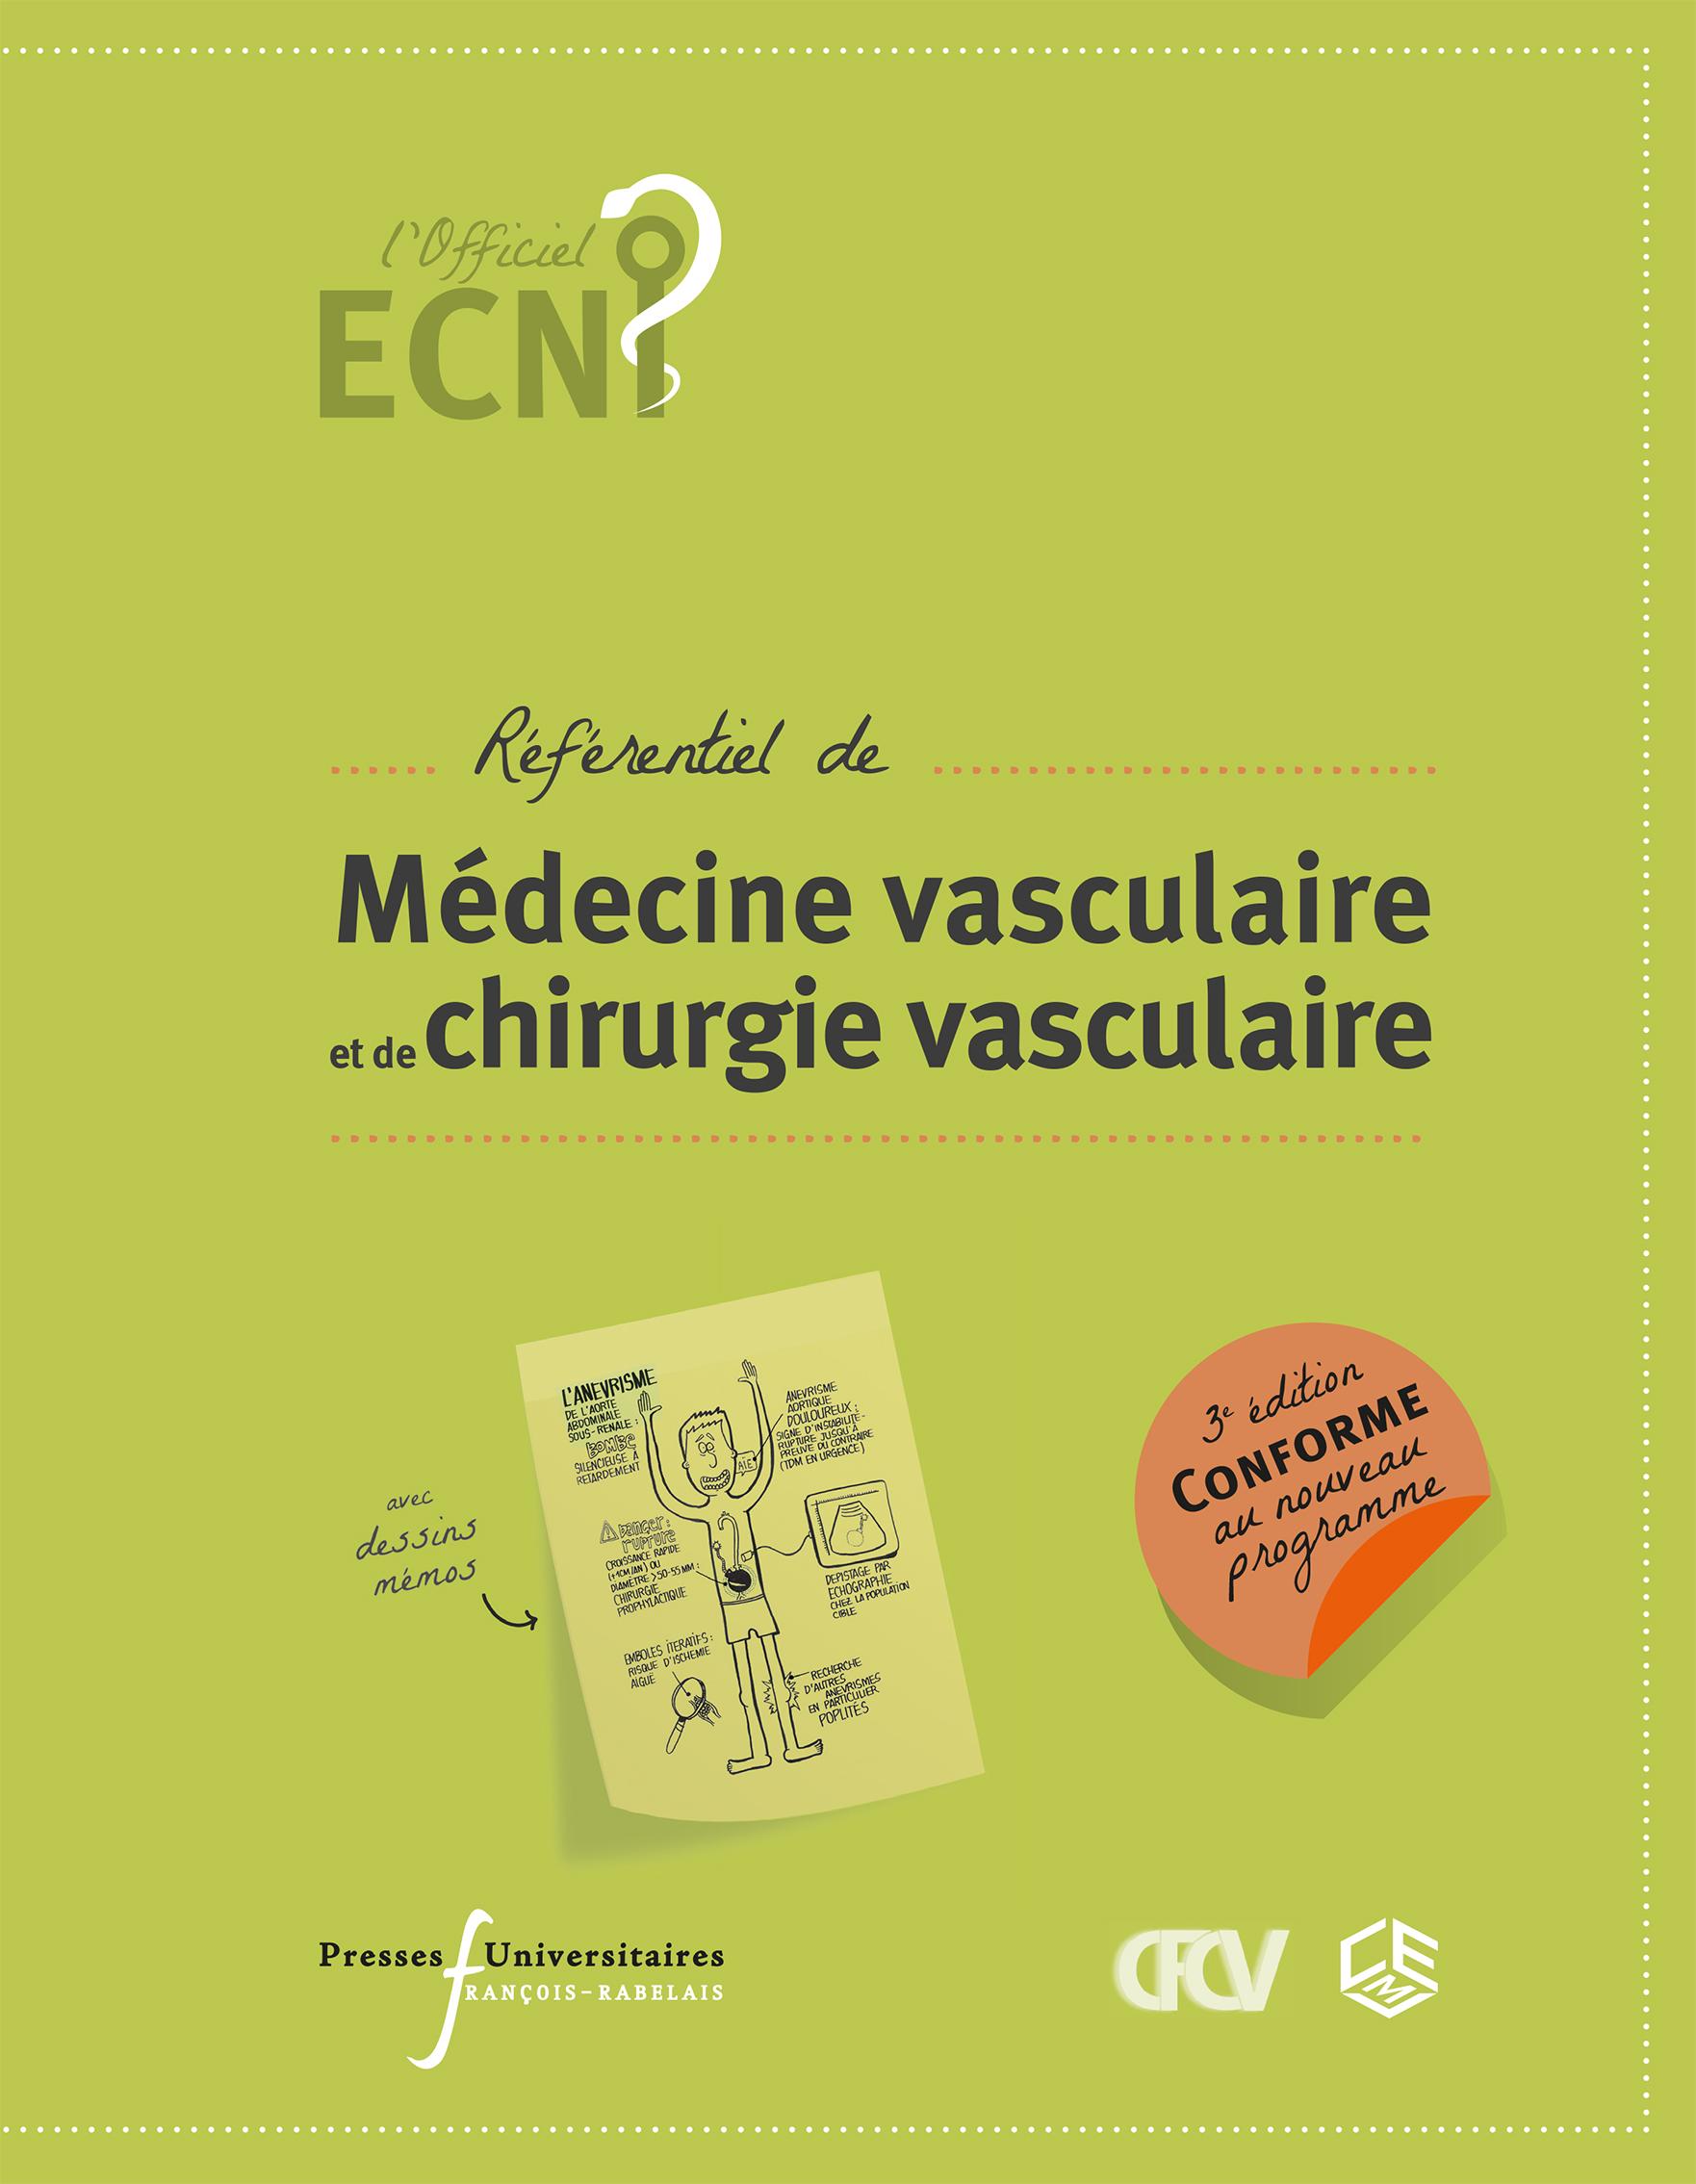 Ecn référentiel de médecine vasculaire et de chirurgie vasculaire (3e edition)